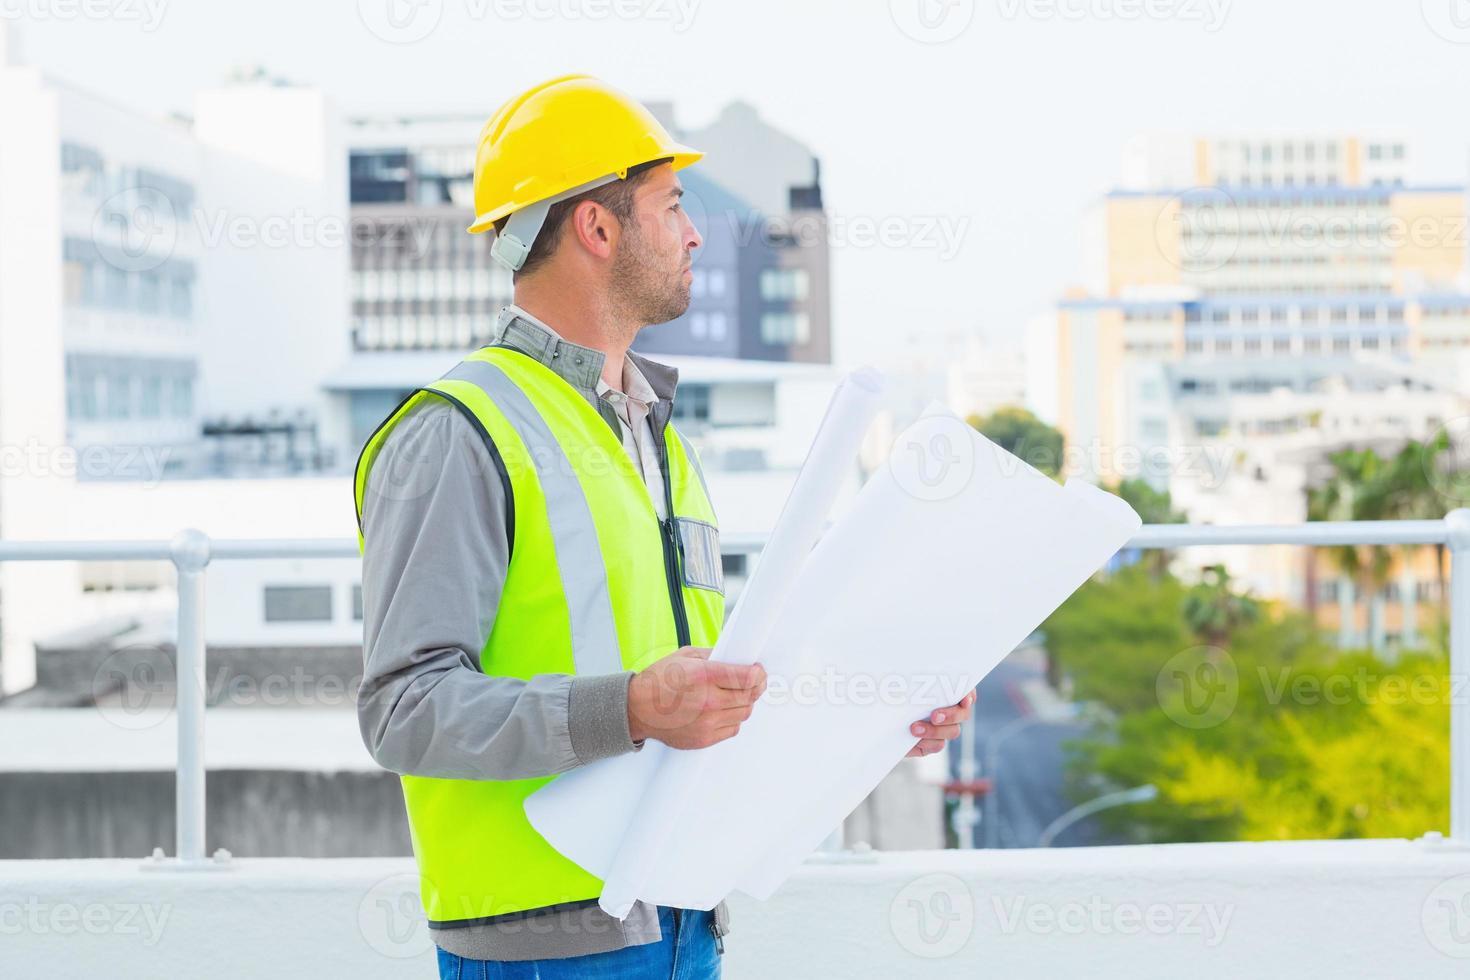 Architekt in schützender Arbeitskleidung, die Blaupausen im Freien hält foto